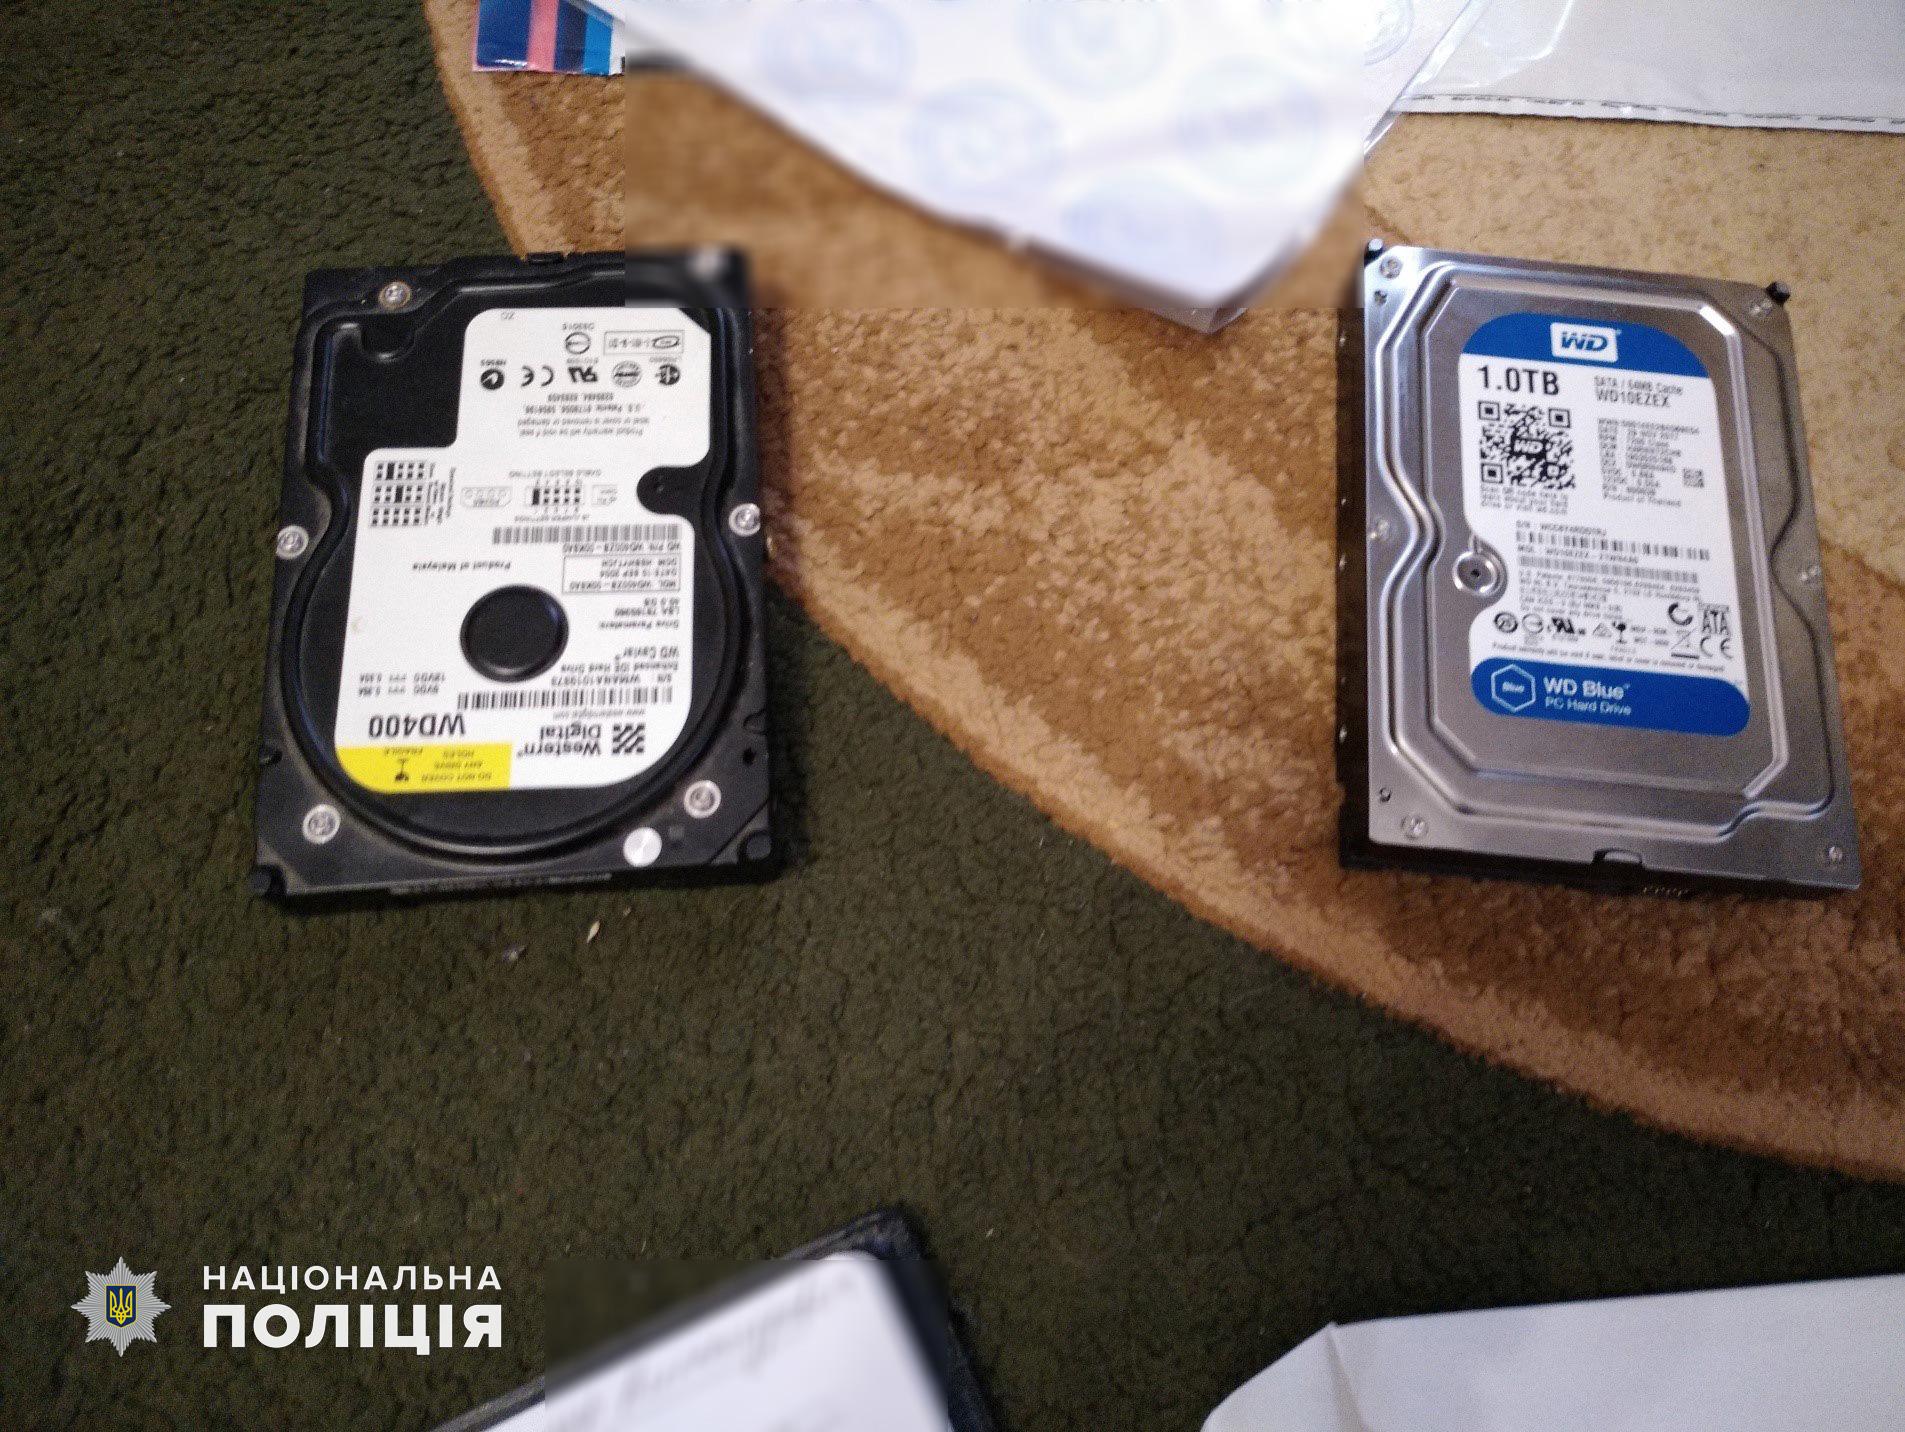 В Николаеве разоблачили хакера, который «ломал» и продавал аккаунты онлайн-магазинов и веб-сервисов